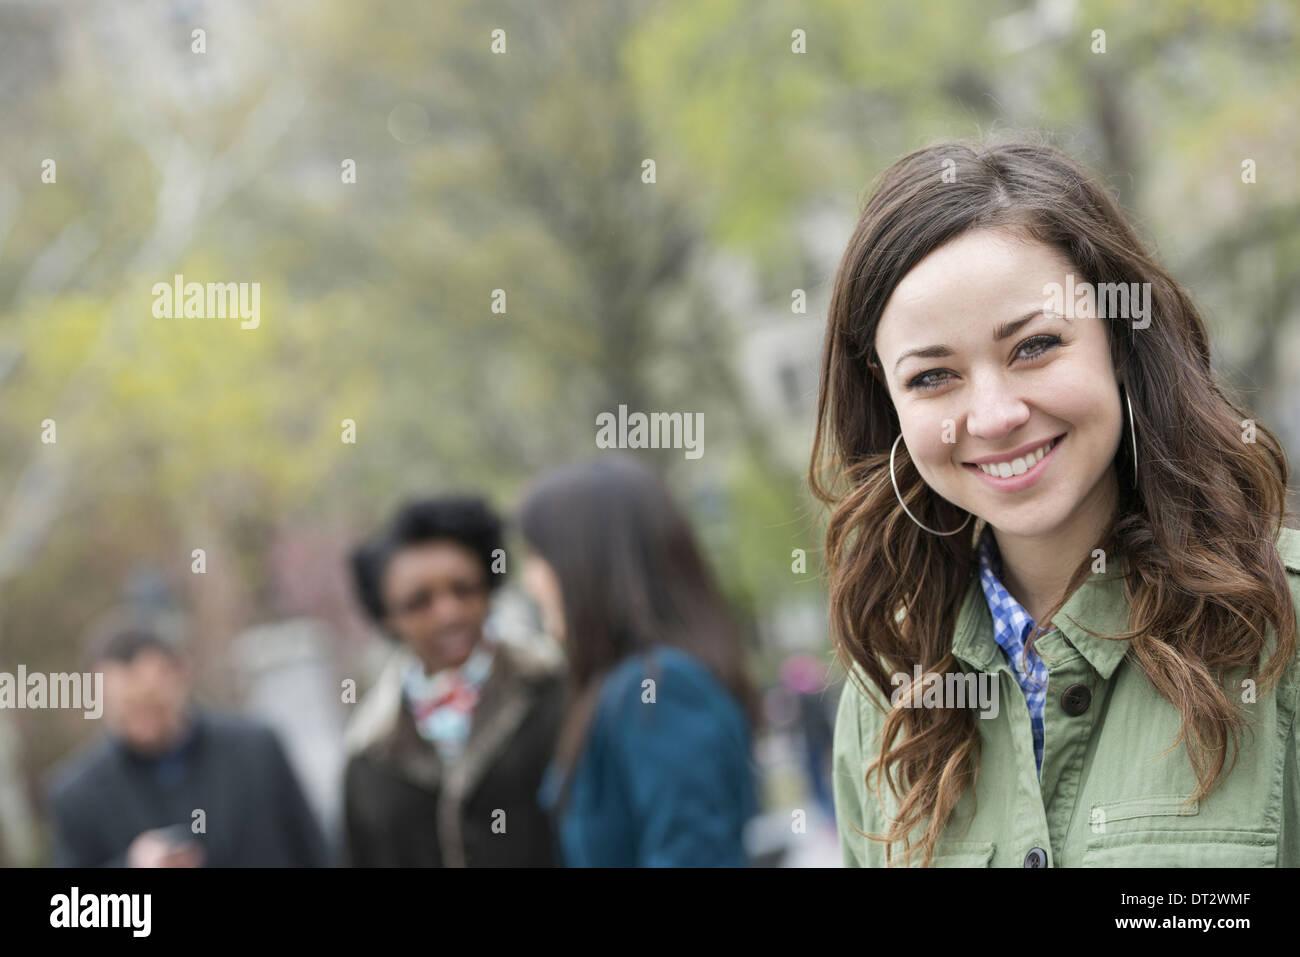 Un grupo de personas en el parque un joven en una camisa con cuello abierto sonriendo y mirando la cámara Imagen De Stock